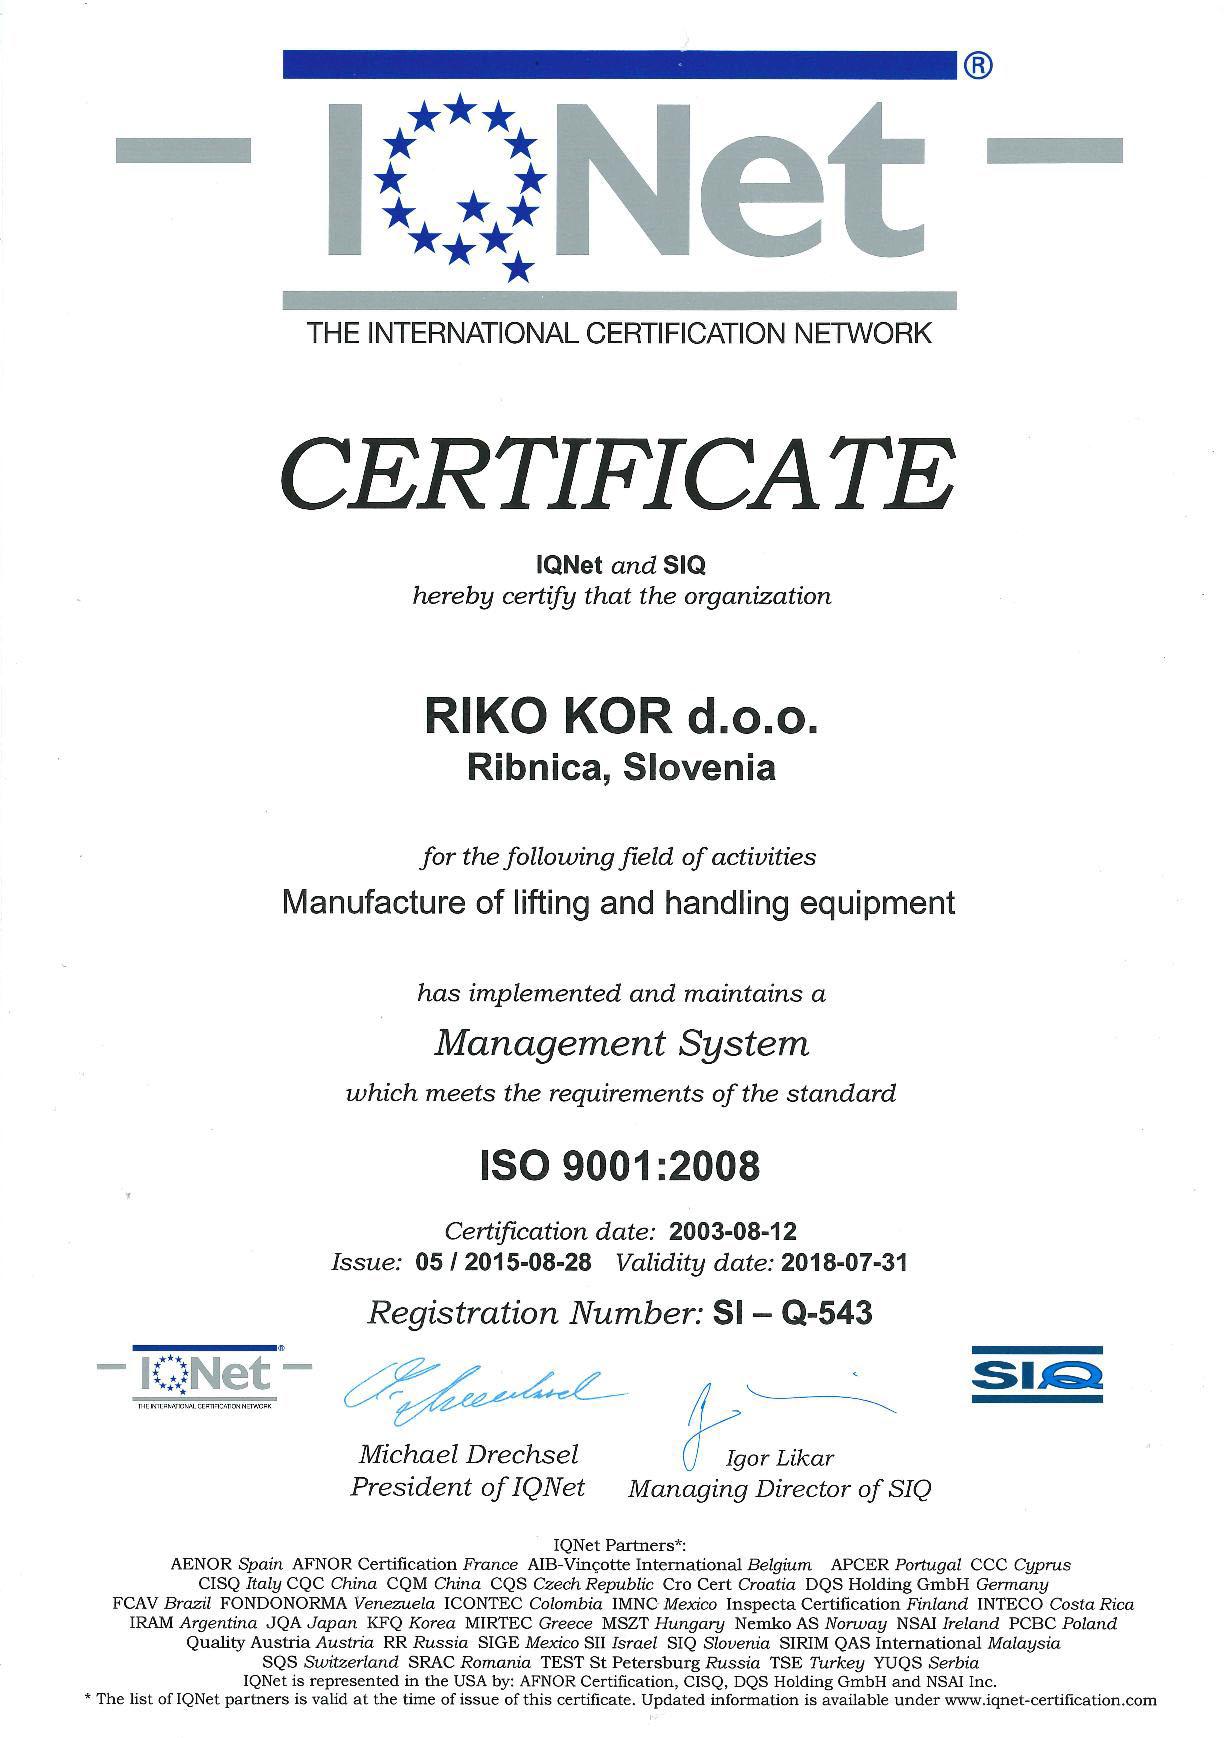 Certificates riko kor extended herstellerqualifikation zum schweien von stahlbau nach din 18800 72002 09 klasse e s235 s960 ql en10137 2 welding certificate awarded xflitez Images